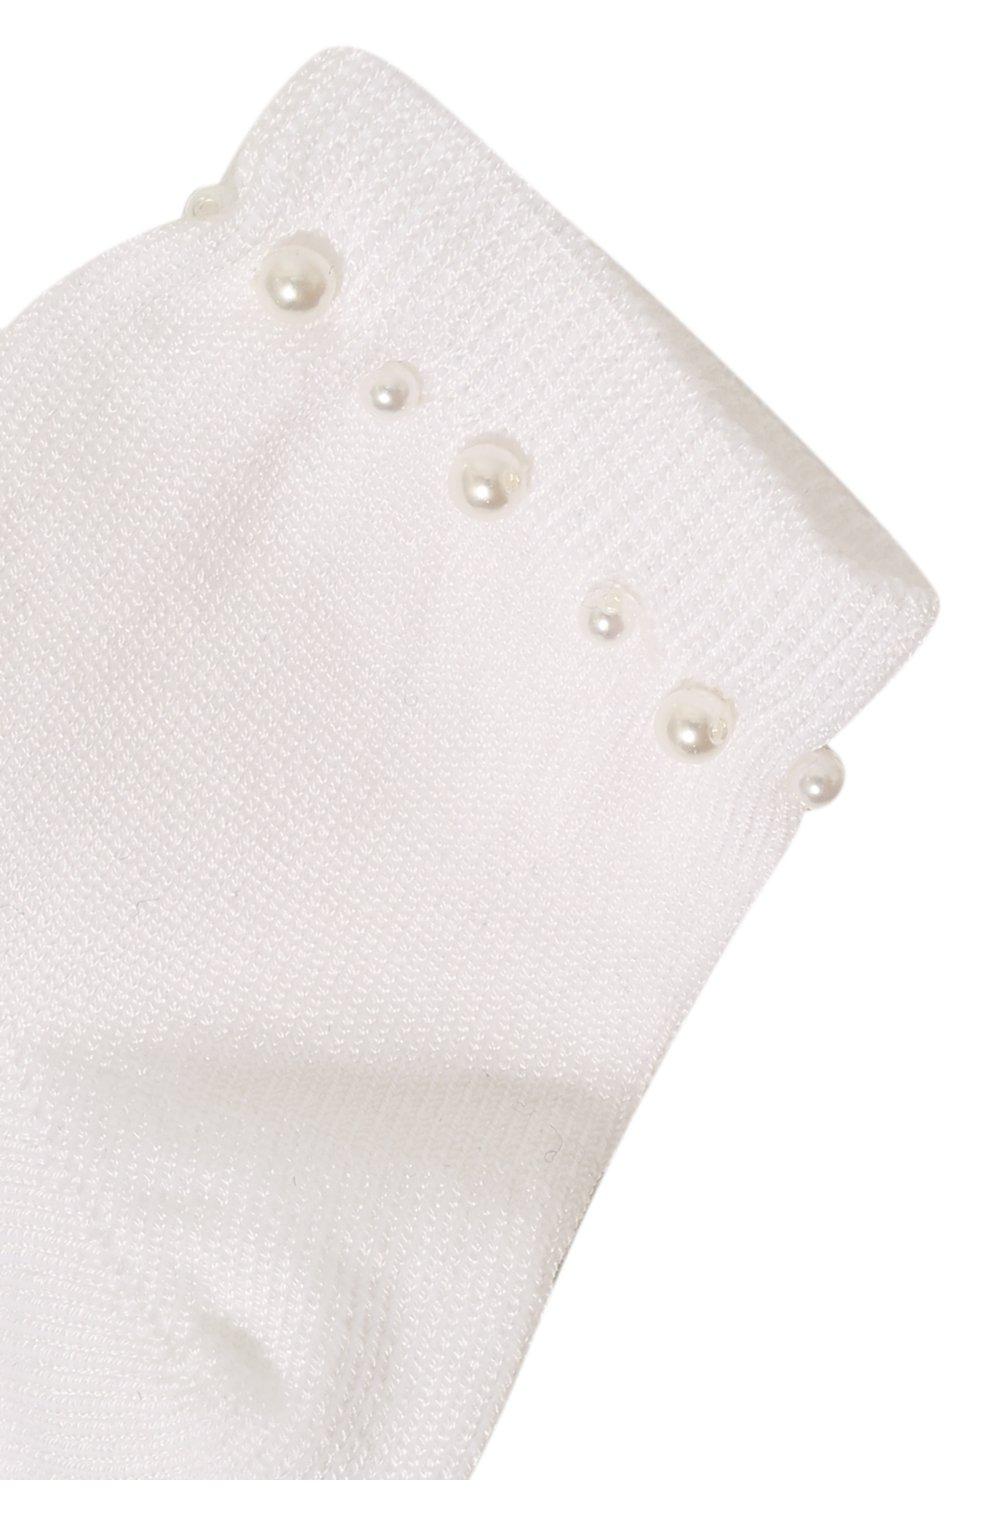 Детские хлопковые носки LA PERLA белого цвета, арт. 42045/3-6 | Фото 2 (Материал: Текстиль, Хлопок; Статус проверки: Проверена категория)